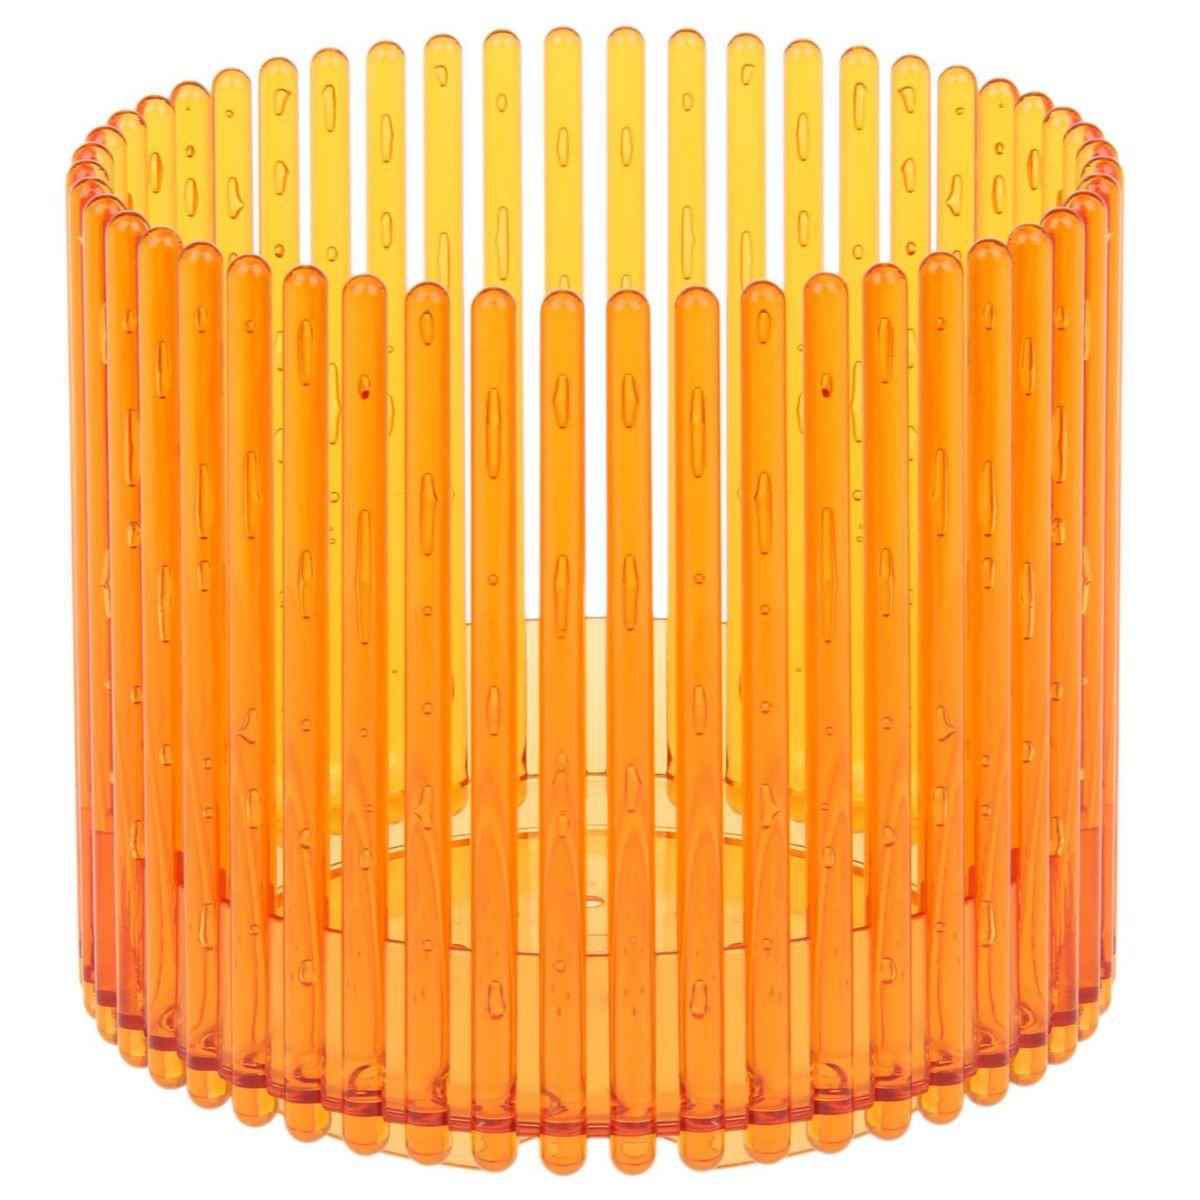 Кашпо JetPlast Шарм, цвет: желтый, 14 x 12 см4612754051083Кашпо Шарм изготовлено из поликарбоната. Изделие имеет уникальную конструкцию: бортик в нижней части кашпо дает возможность создания у корней орхидеи благоприятную влажность, а сквозная конструкция стенок кашпо дает возможность беспрепятственному проникновению света на корни растения и их вентиляцию. Стильный яркий дизайн сделает такое кашпо отличным дополнением интерьера.